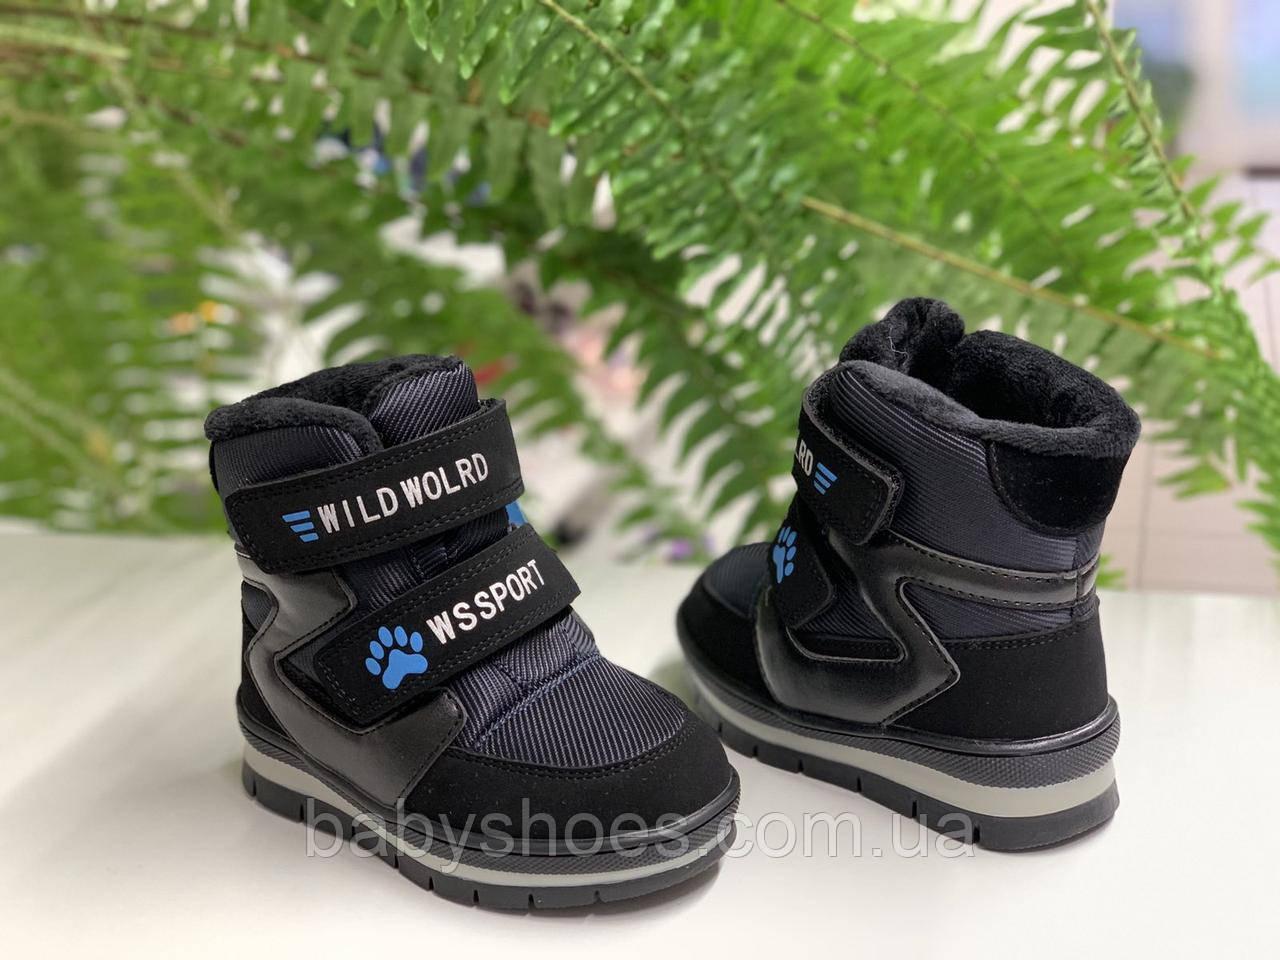 Зимние ботинки для мальчика,WeeStep Польша,черные, р.22-26, ЗМ-246